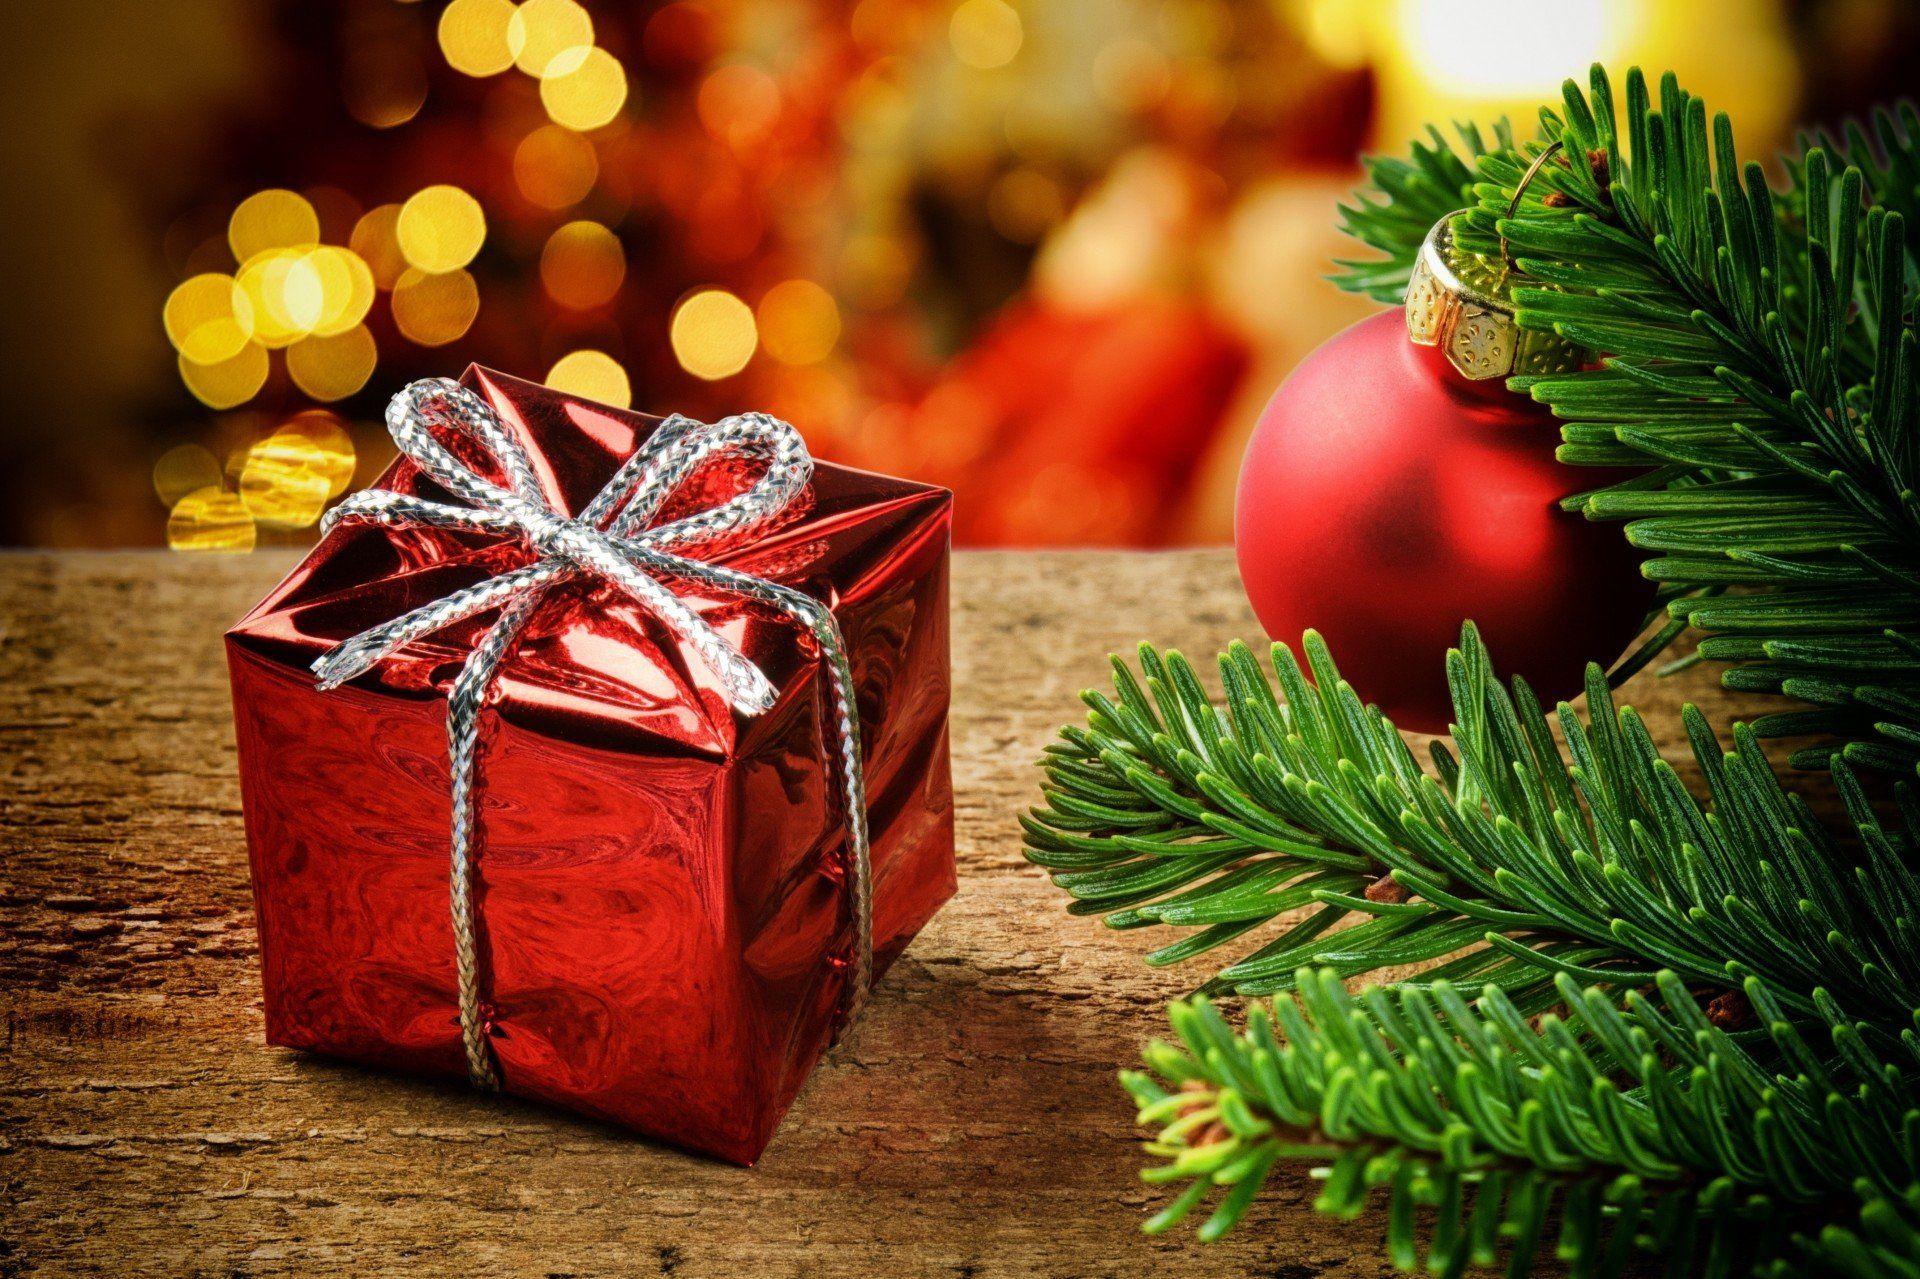 Интересные идеи подарков на Новый год 2018 - http://god-2018s.com ...